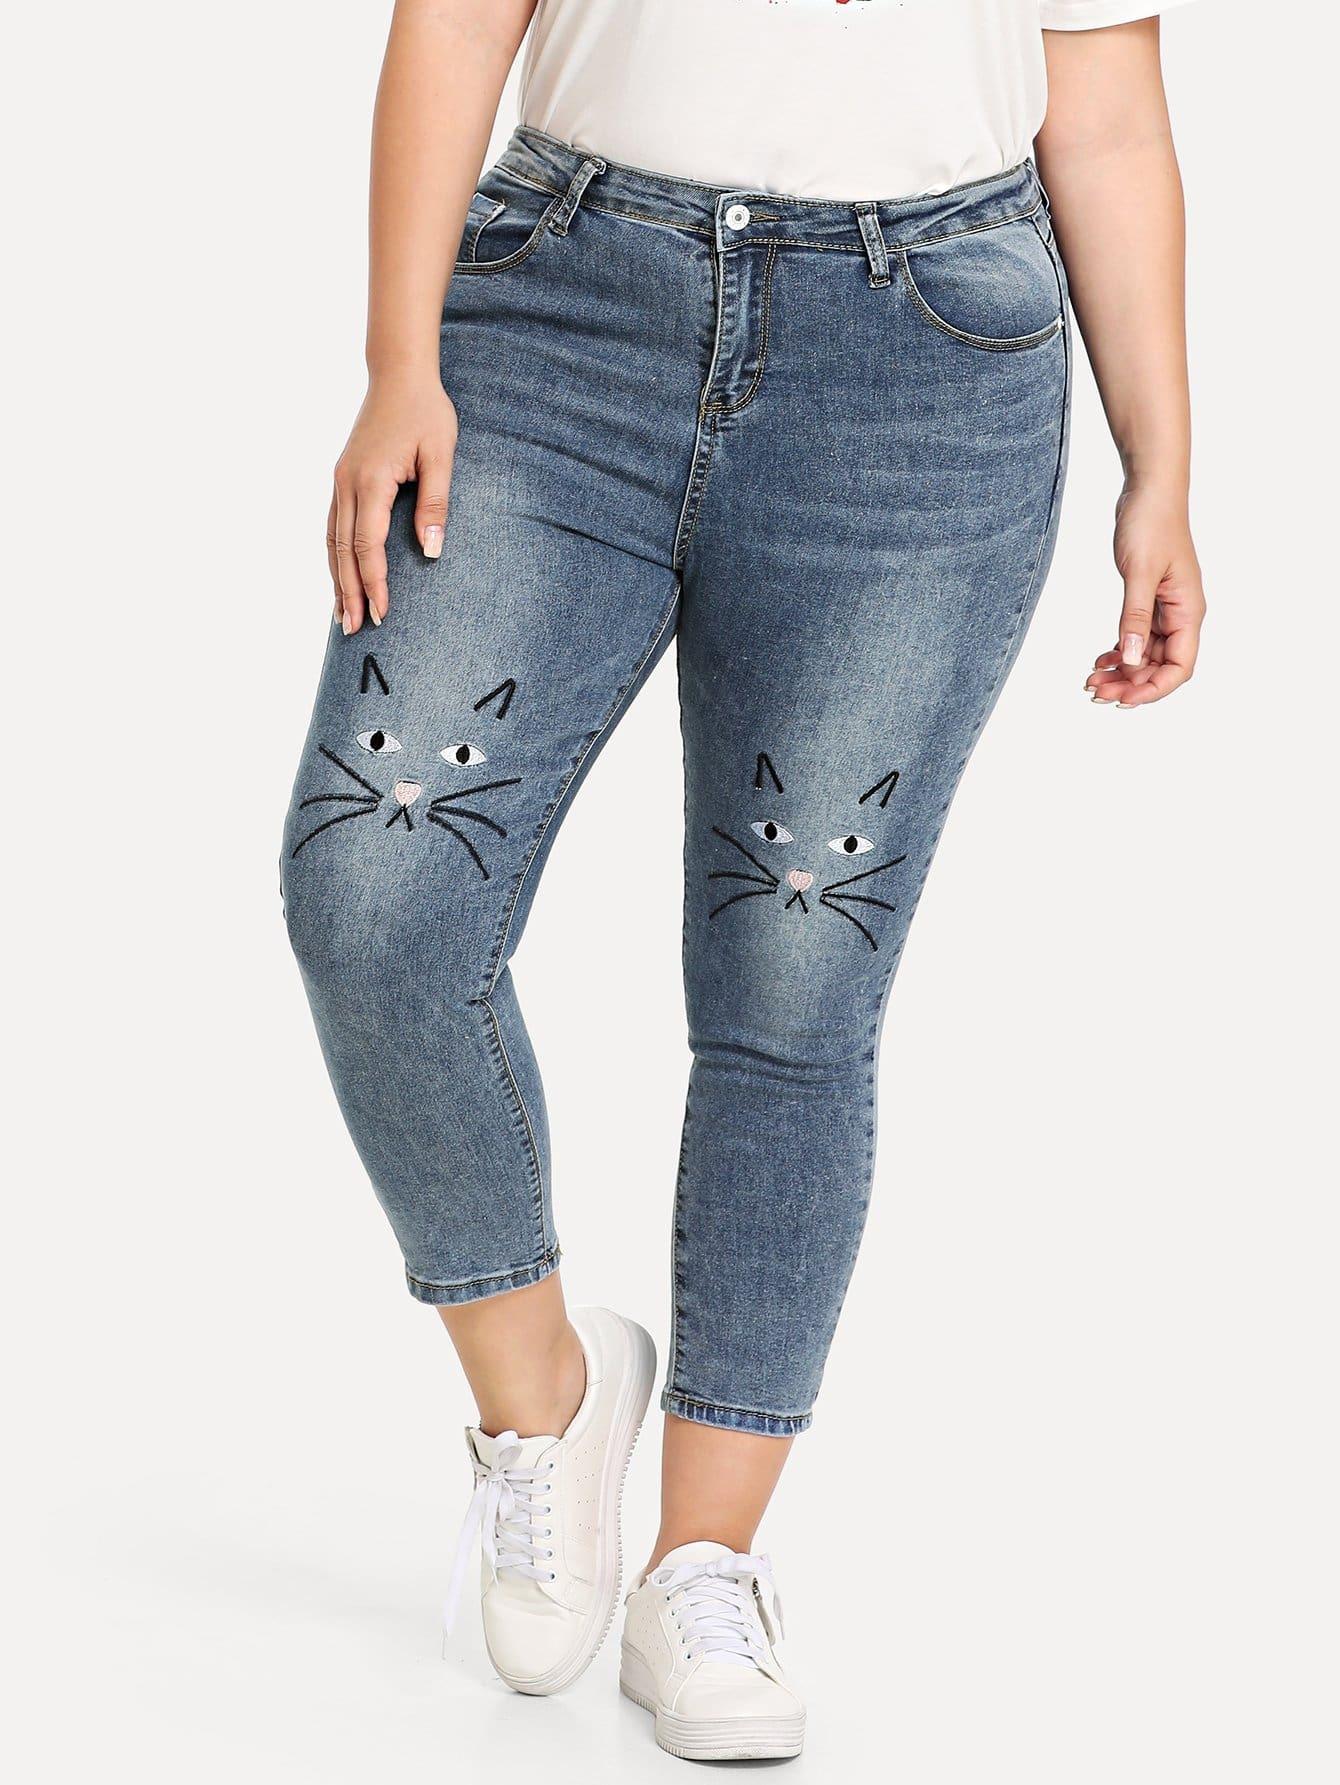 Купить Кошка вышитые тощие джинсы, Franziska, SheIn